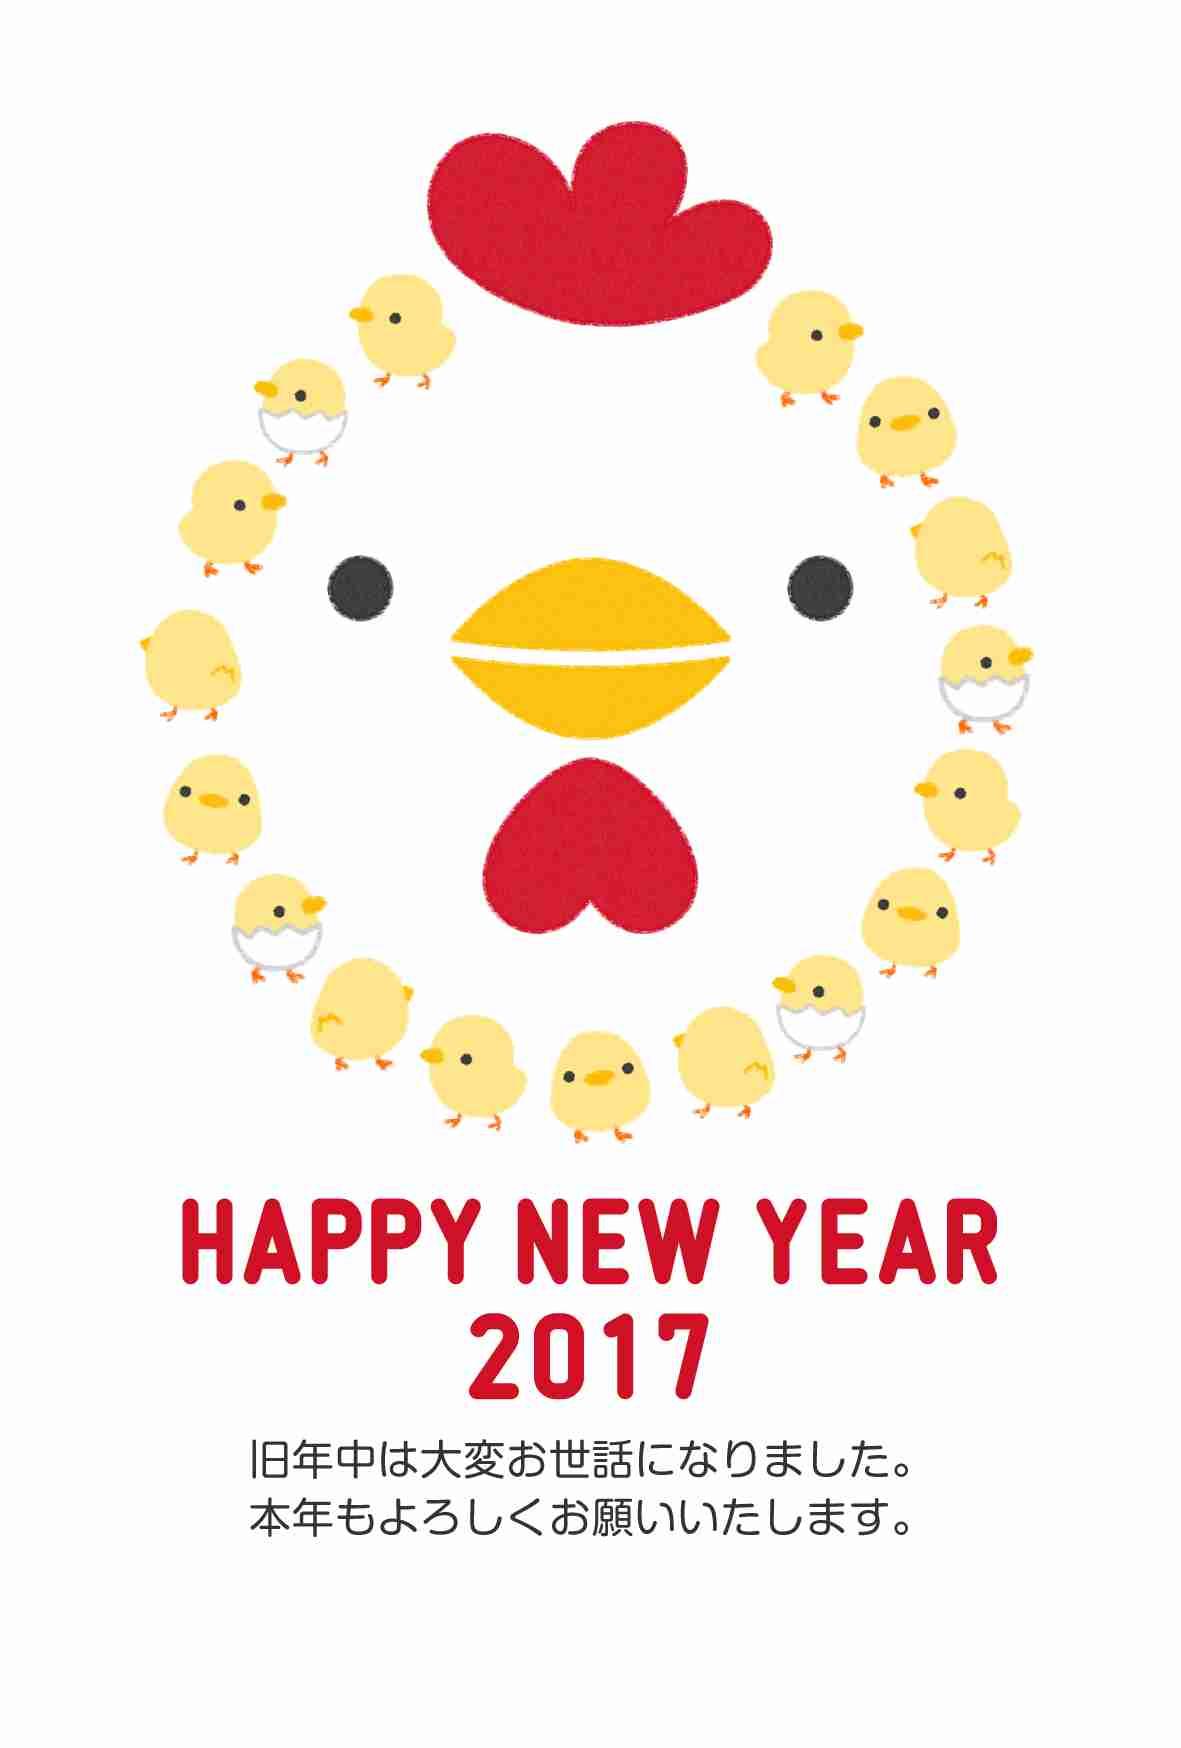 【謹賀新年】目の保養になる画像ください!